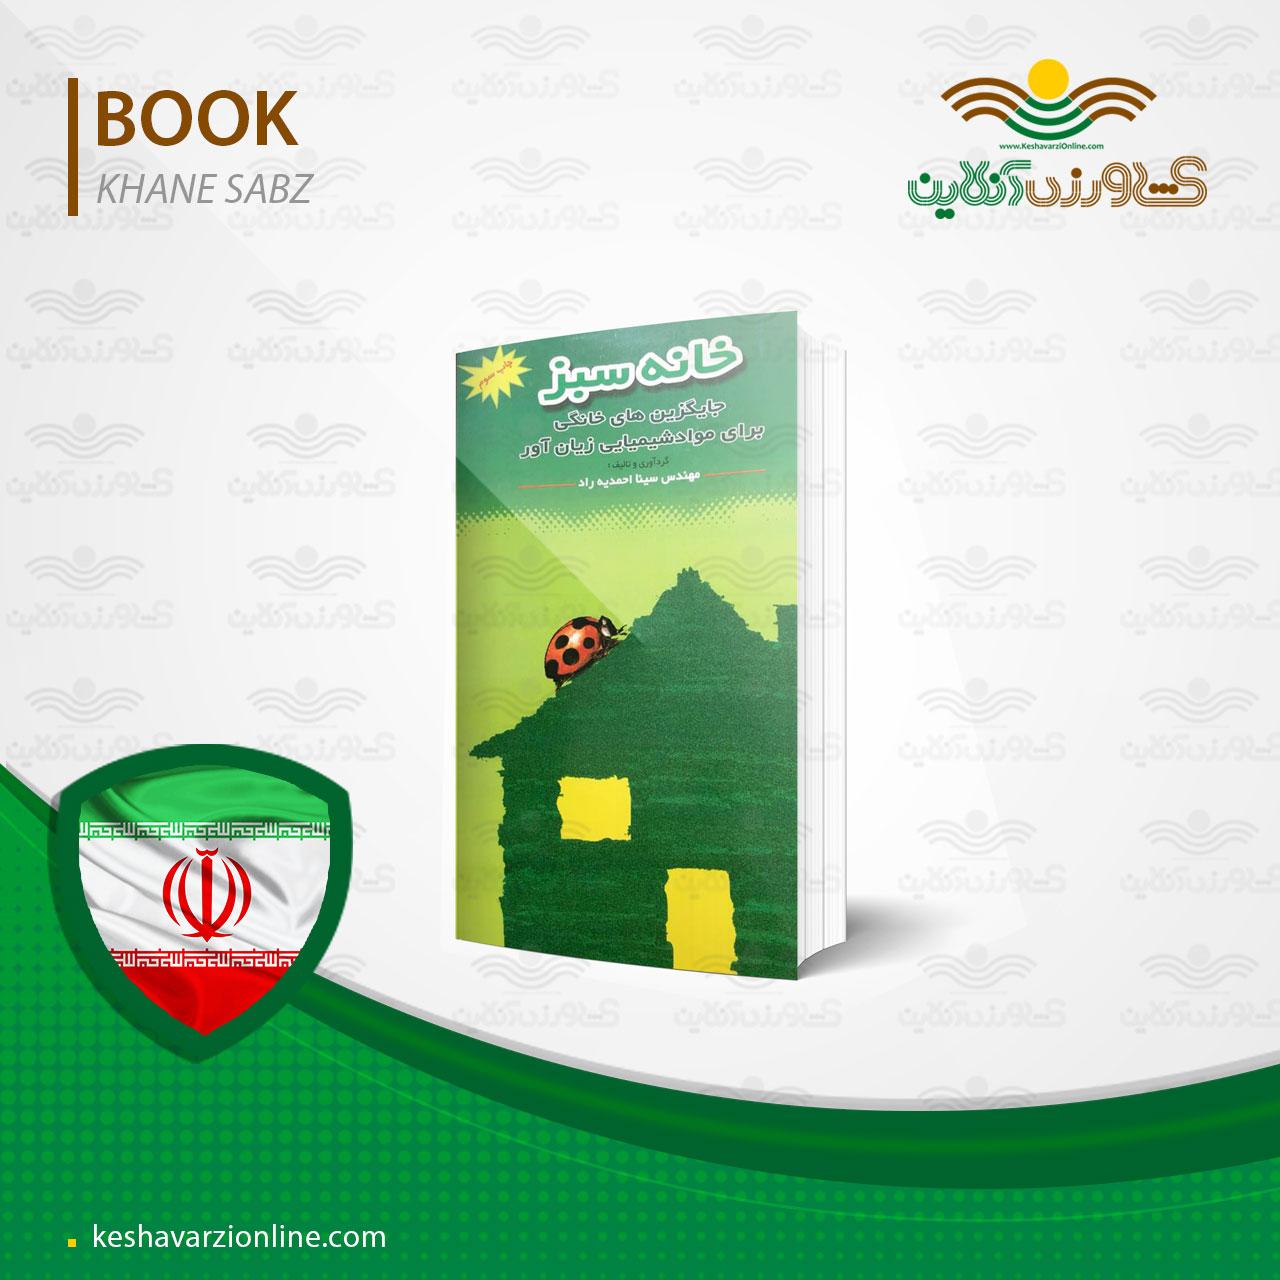 فروش اینترنتی کتاب خانه سبز